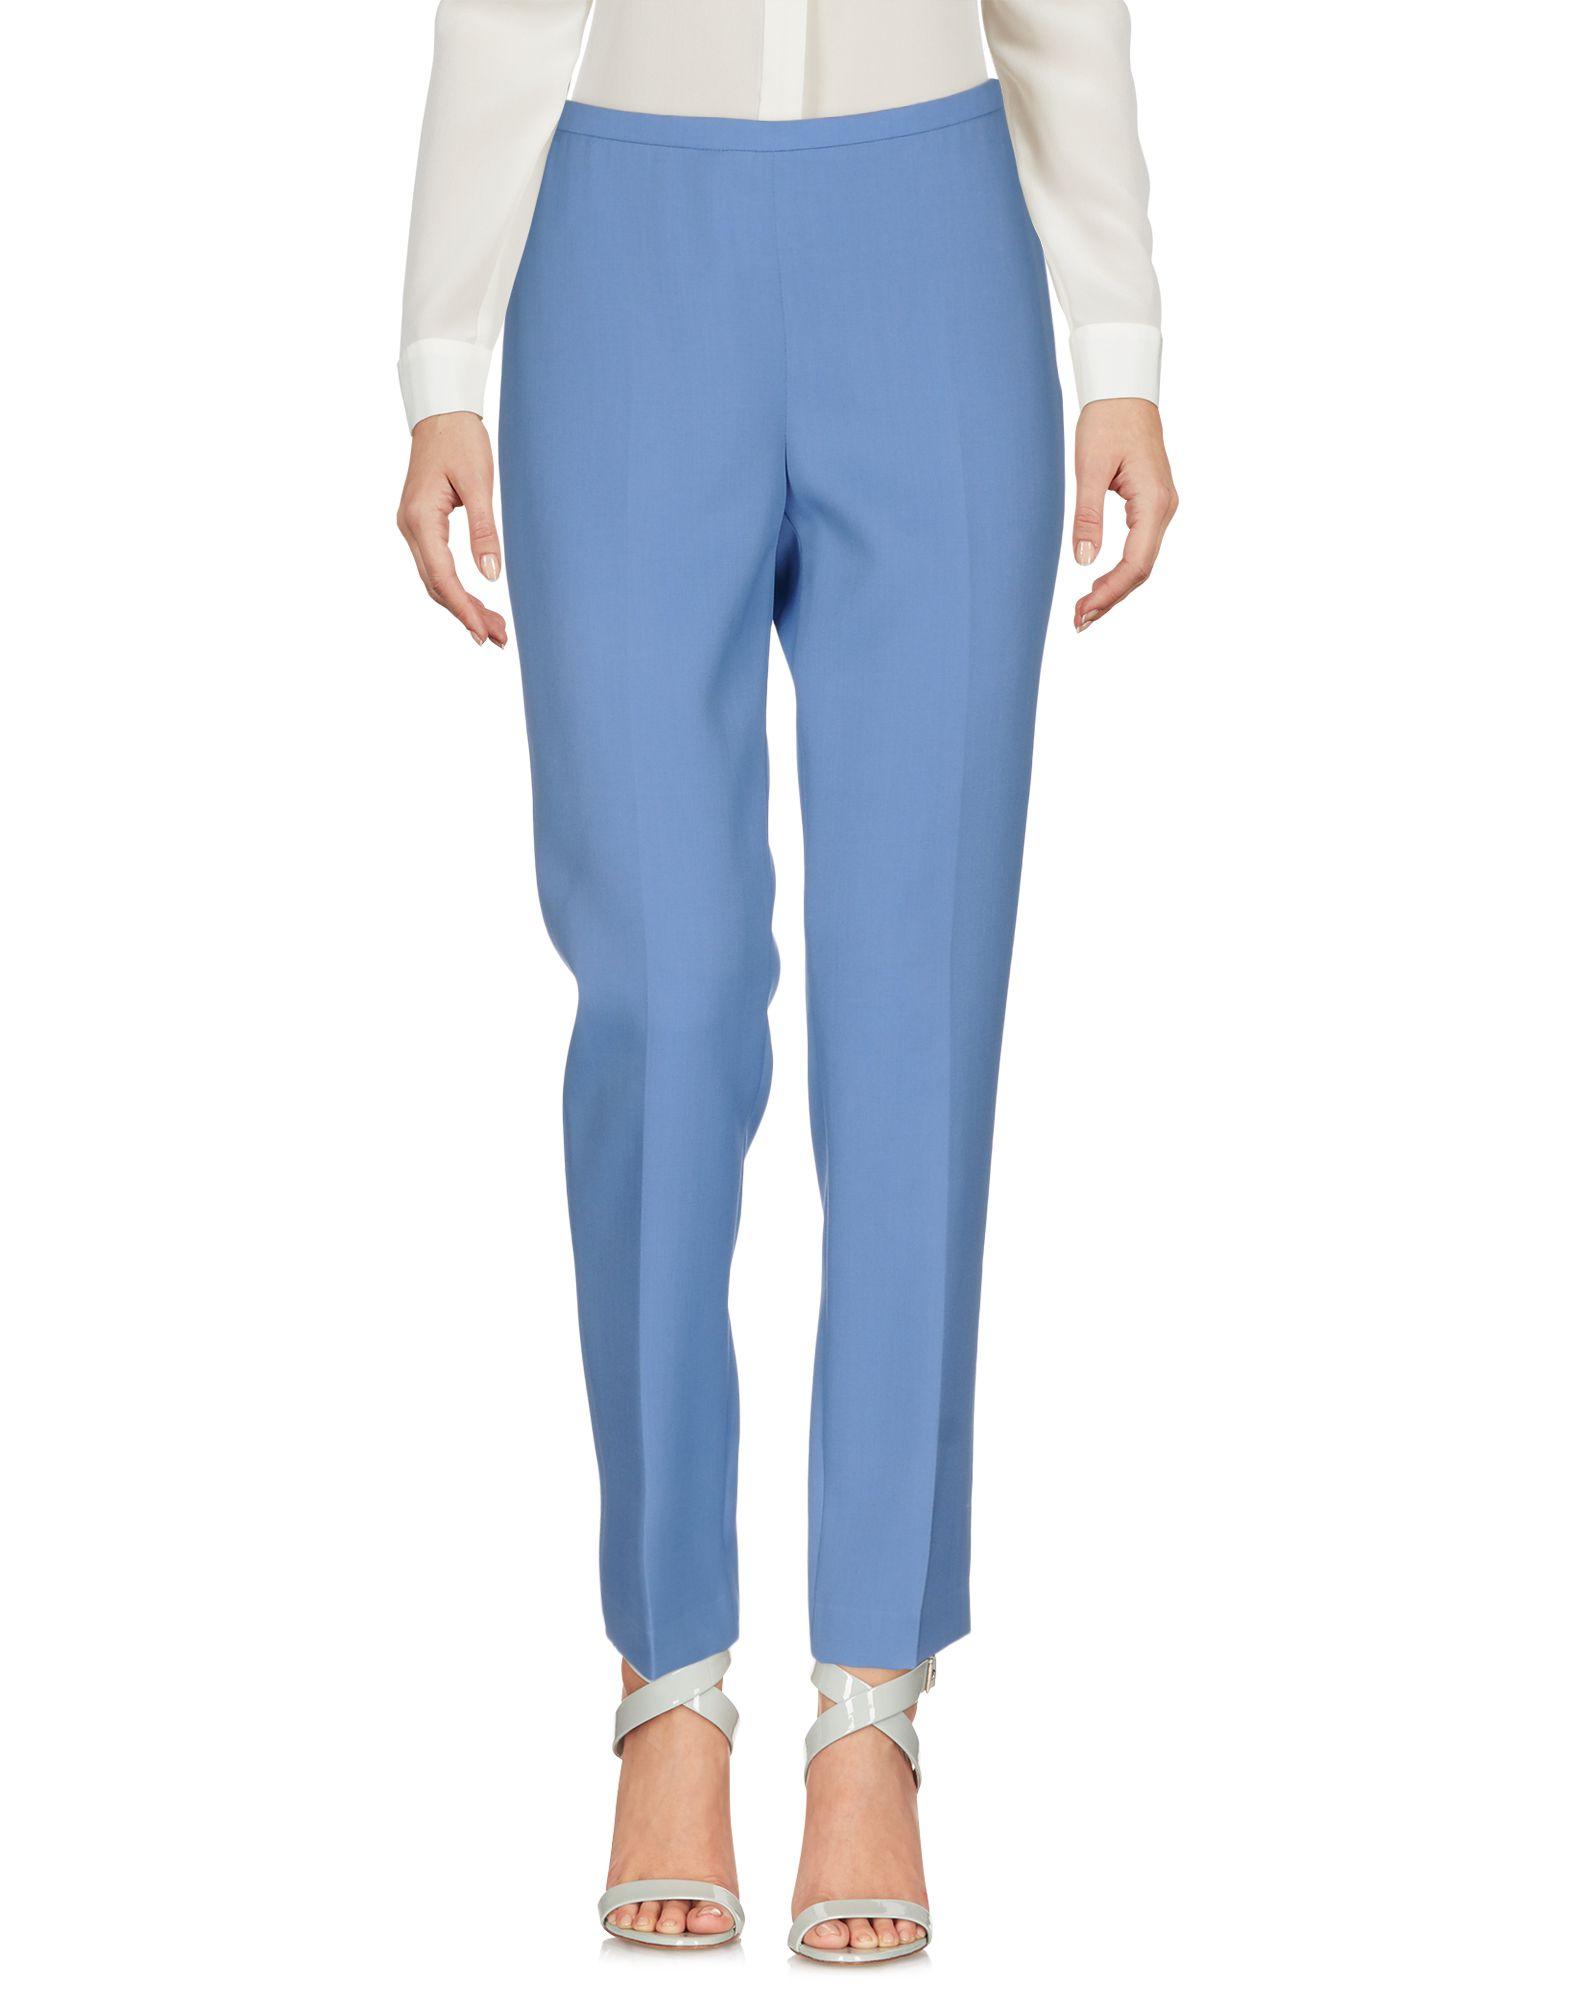 ROCHAS Damen Hose Farbe Himmelblau Größe 4 - broschei